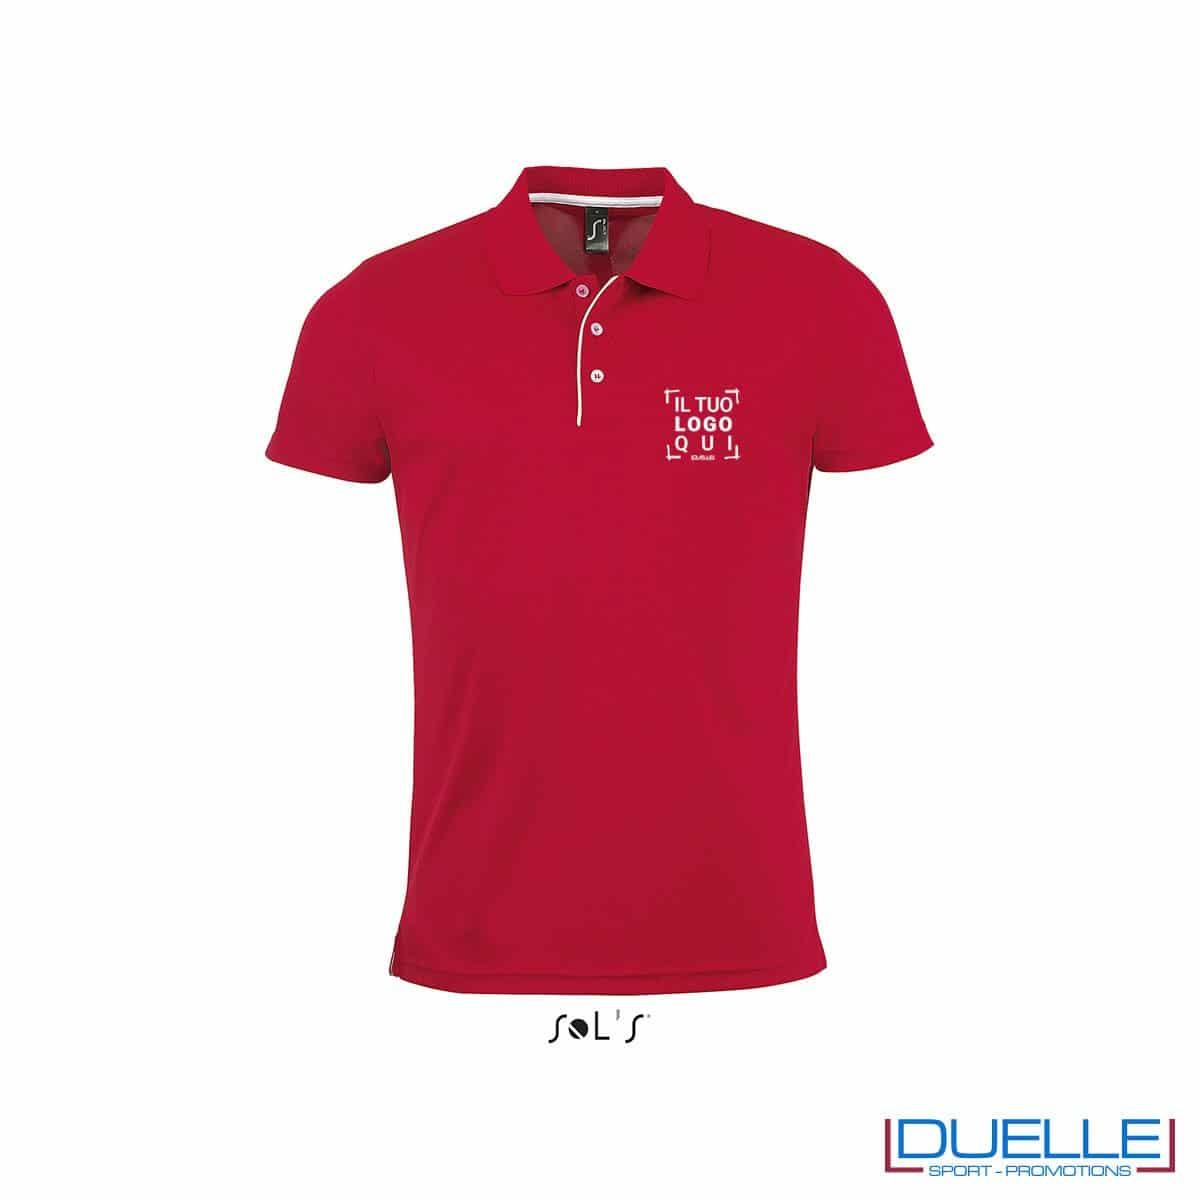 polo personalizzata sportiva in poliestere traspirante colore rosso, polo personalizzata, abbigliamento sportivo personalizzato